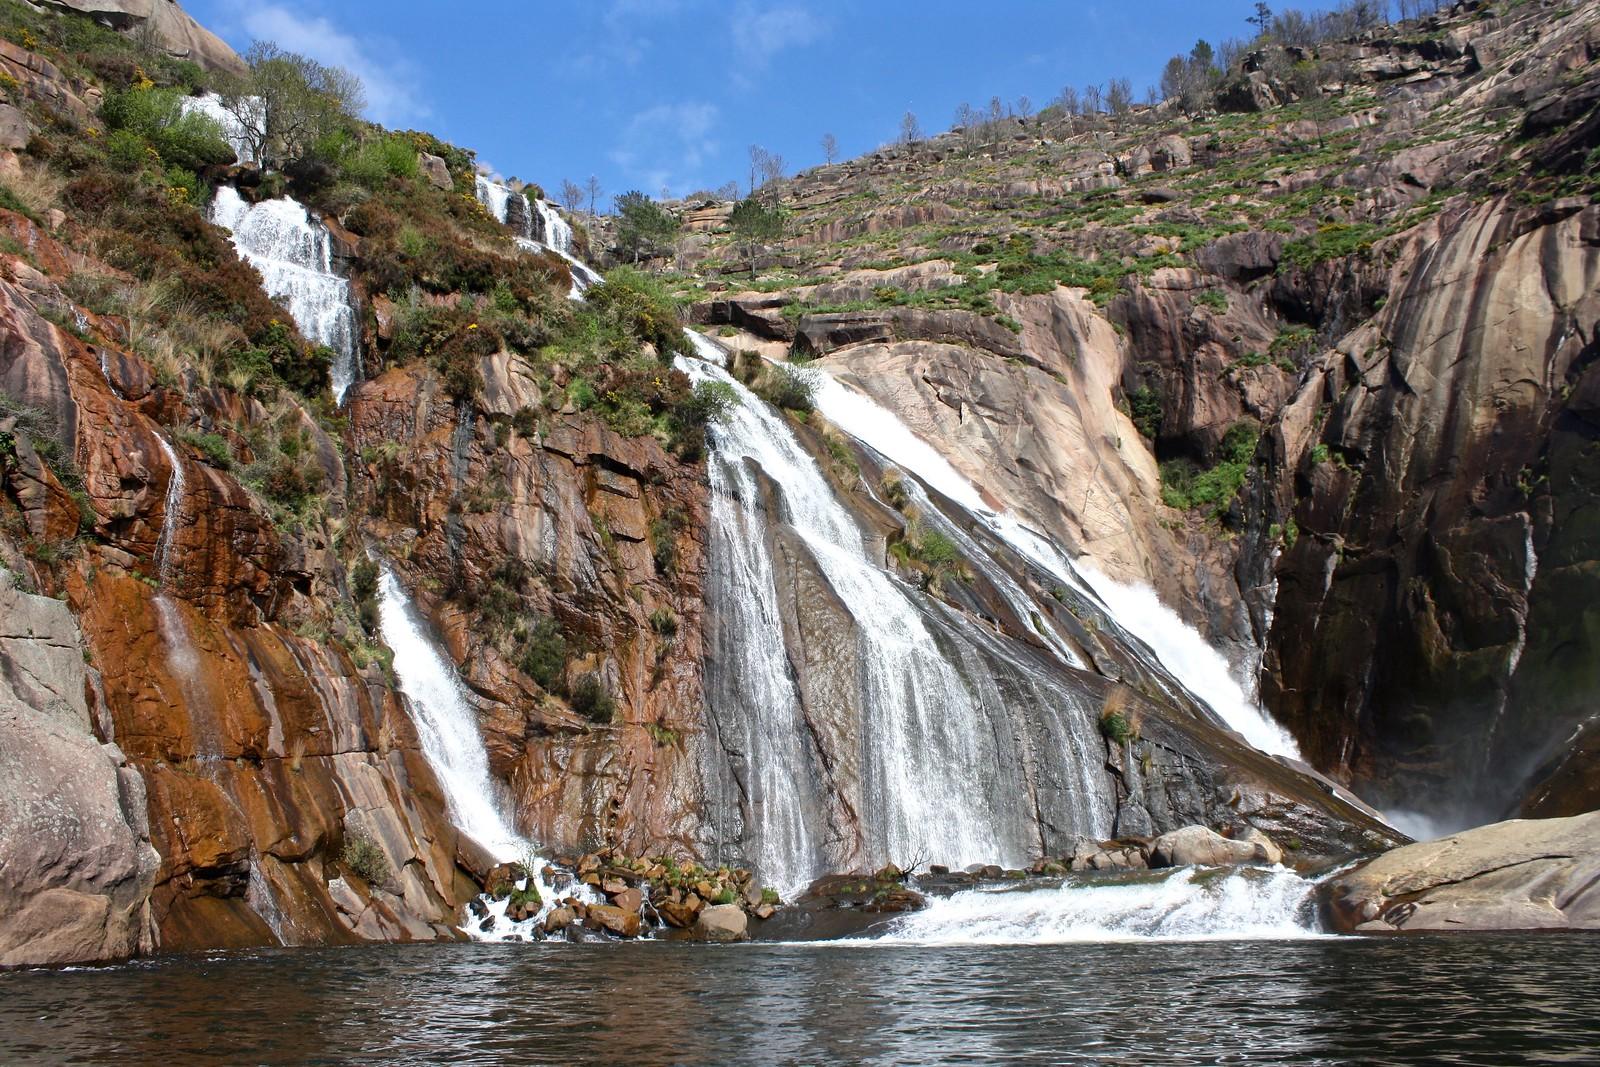 Ézaro Waterfall, Spain